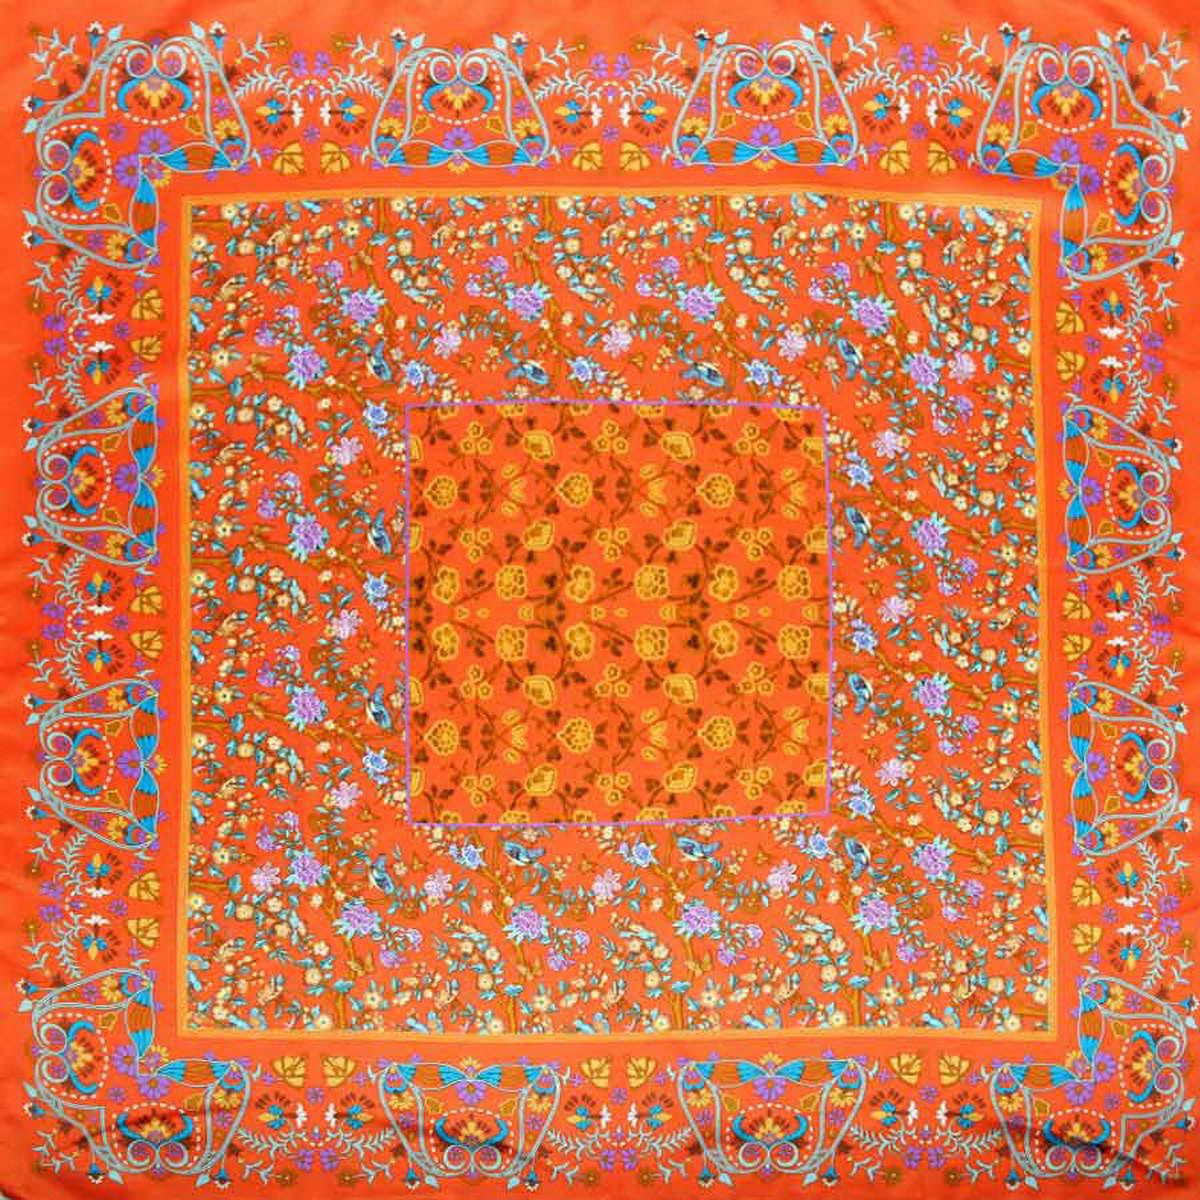 Платок женский Venera, цвет: оранжевый, сиреневый, коричневый. 3904972-28. Размер 90 см х 90 см3904972-28Стильный женский платок Venera станет великолепным завершением любого наряда. Платок, изготовленный из полиэстера, оформлен цветочный принтом. Классическая квадратная форма позволяет носить платок на шее, украшать им прическу или декорировать сумочку. Легкий и приятный на ощупь платок поможет вам создать изысканный женственный образ. Такой платок превосходно дополнит любой наряд и подчеркнет ваш неповторимый вкус и элегантность.